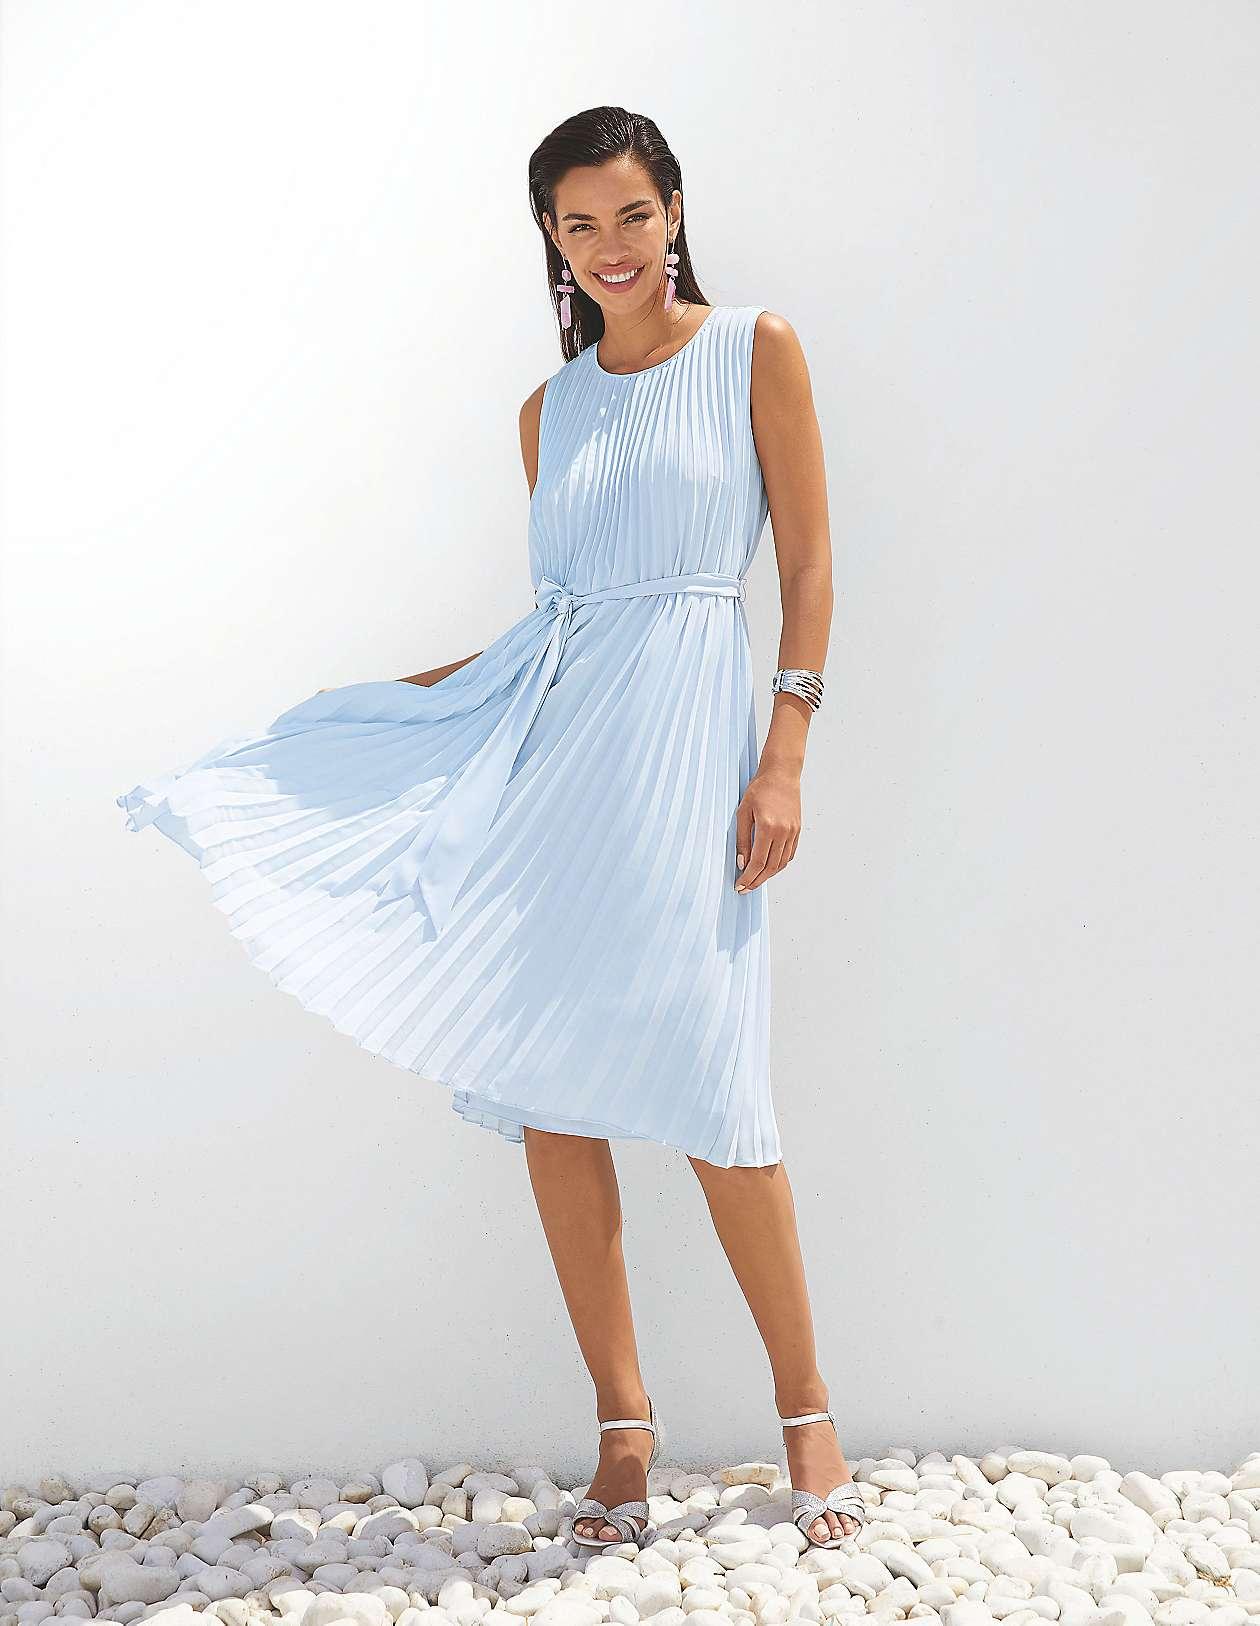 kleider für stilvolle auftritte bestellen | madeleine mode